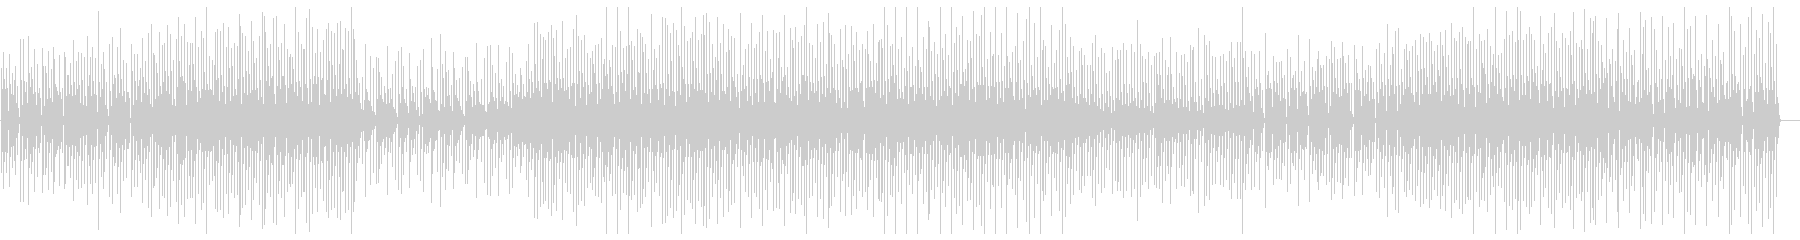 シンセウェイブ・80sテクノBPM100の未再生の波形